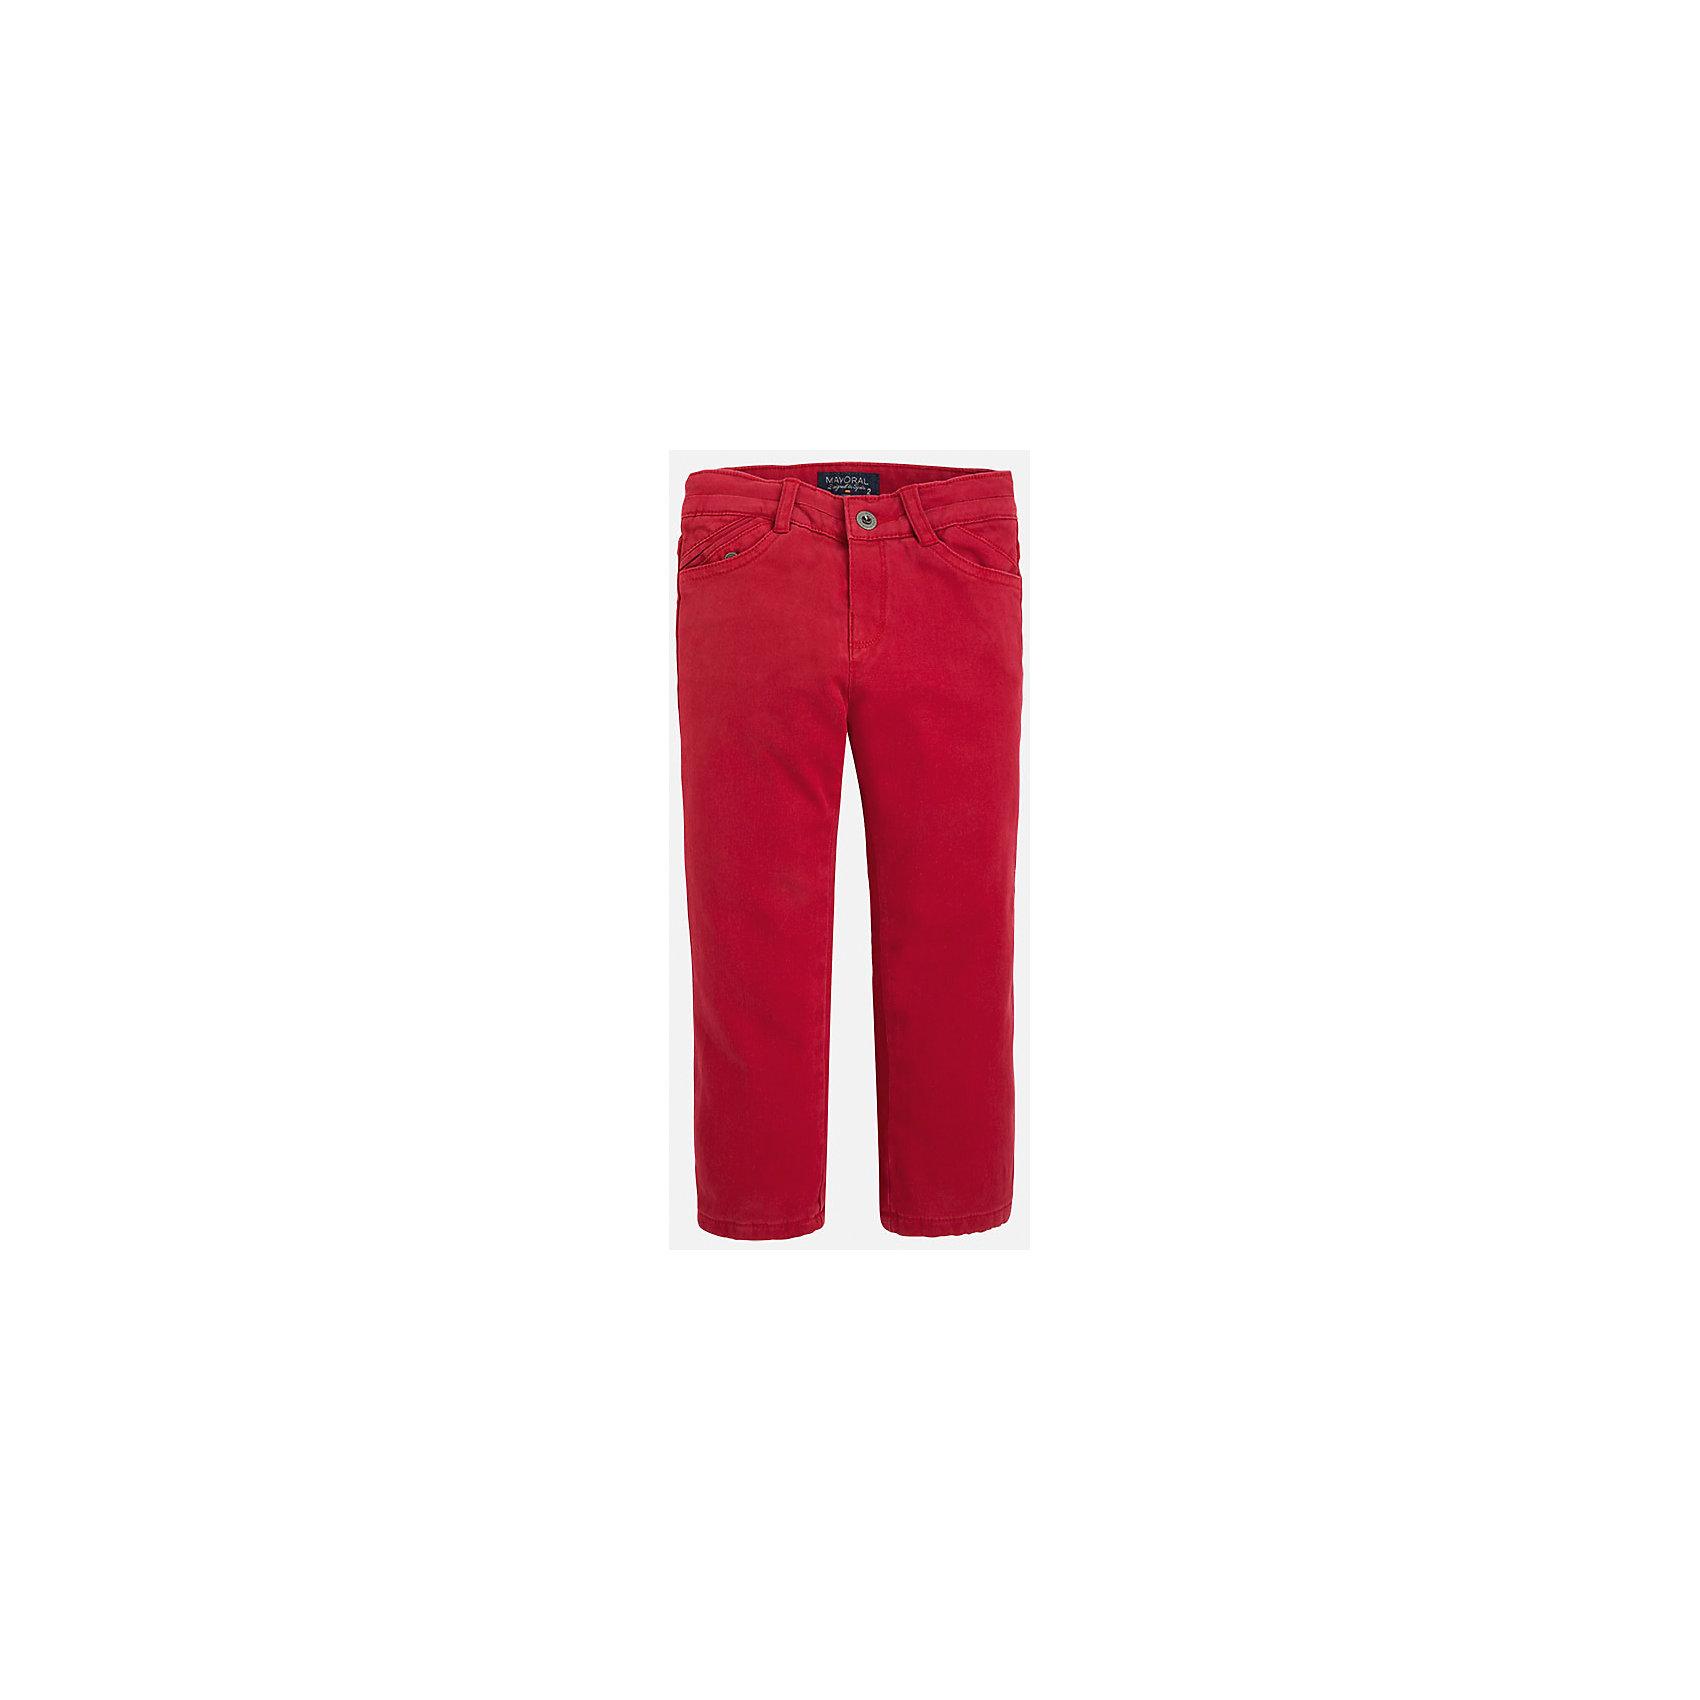 Брюки для мальчика MayoralБрюки<br>Универсальные брюки всегда должны быть в гардеробе юного мужчины!<br>У брюк классическая посадка и прямой крой, так же они долговечны и очень удобны в носке.<br><br>Дополнительная информация:<br><br>- Крой: прямой крой.<br>- Страна бренда: Испания.<br>- Состав: хлопок 97%, эластан 3%.<br>- Подкладка: хлопок 100%.<br>- Цвет: вишневый.<br>- Уход: бережная стирка при 30 градусах.<br><br>Купить брюки для мальчика Mayoral можно в нашем магазине.<br><br>Ширина мм: 215<br>Глубина мм: 88<br>Высота мм: 191<br>Вес г: 336<br>Цвет: бордовый<br>Возраст от месяцев: 72<br>Возраст до месяцев: 84<br>Пол: Мужской<br>Возраст: Детский<br>Размер: 122,116,110,128,134,98,104<br>SKU: 4826413